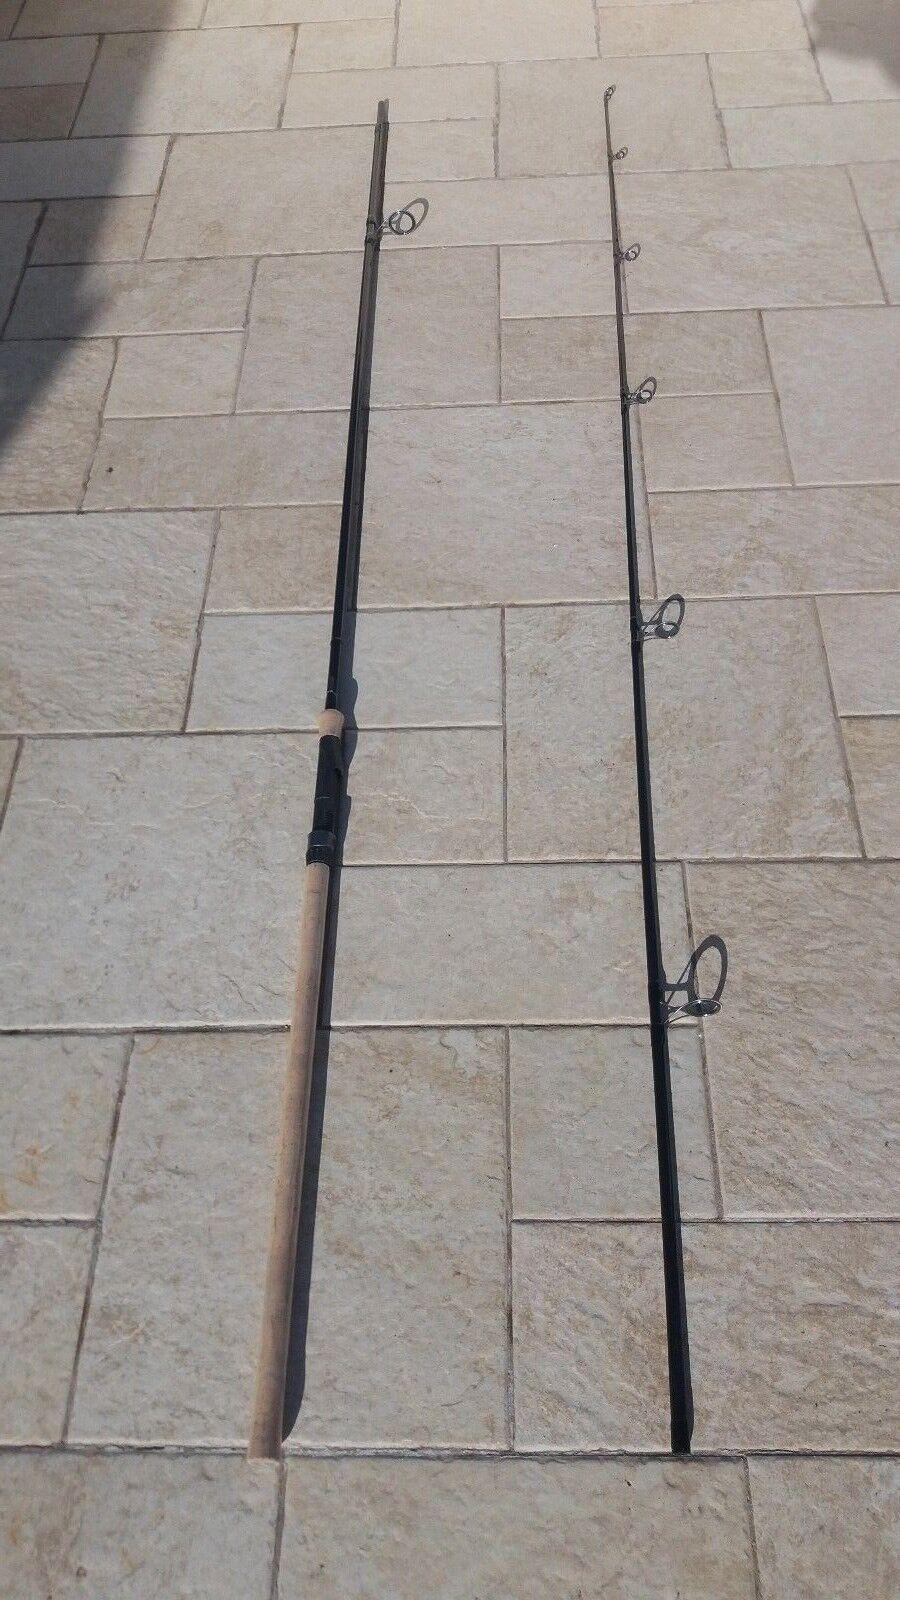 Lotto 3 canna da pesca carpfisshing Fox Warrior